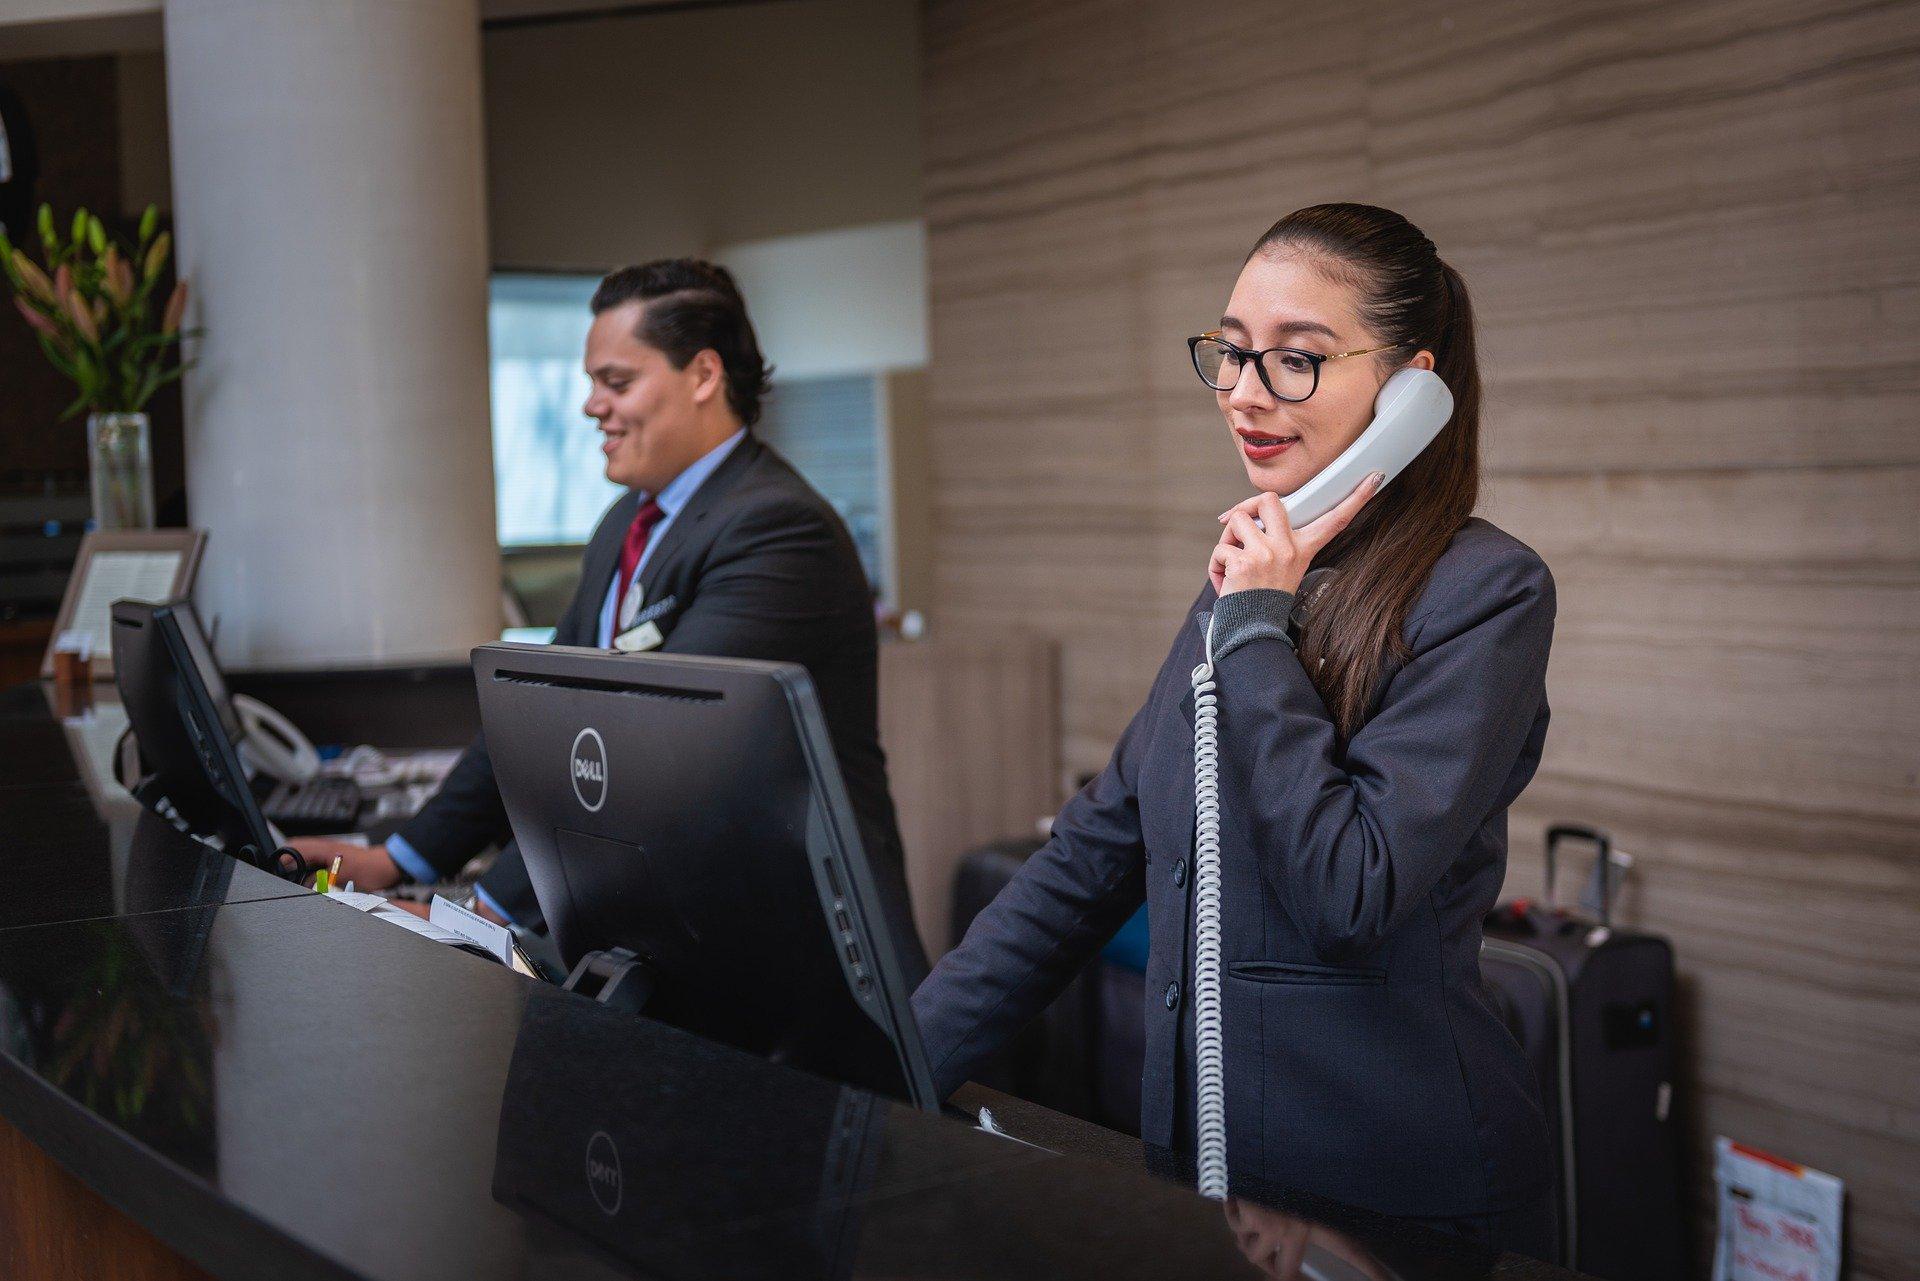 בחירת ספק אינטרנט לבתי מלון – מדריך מיוחד